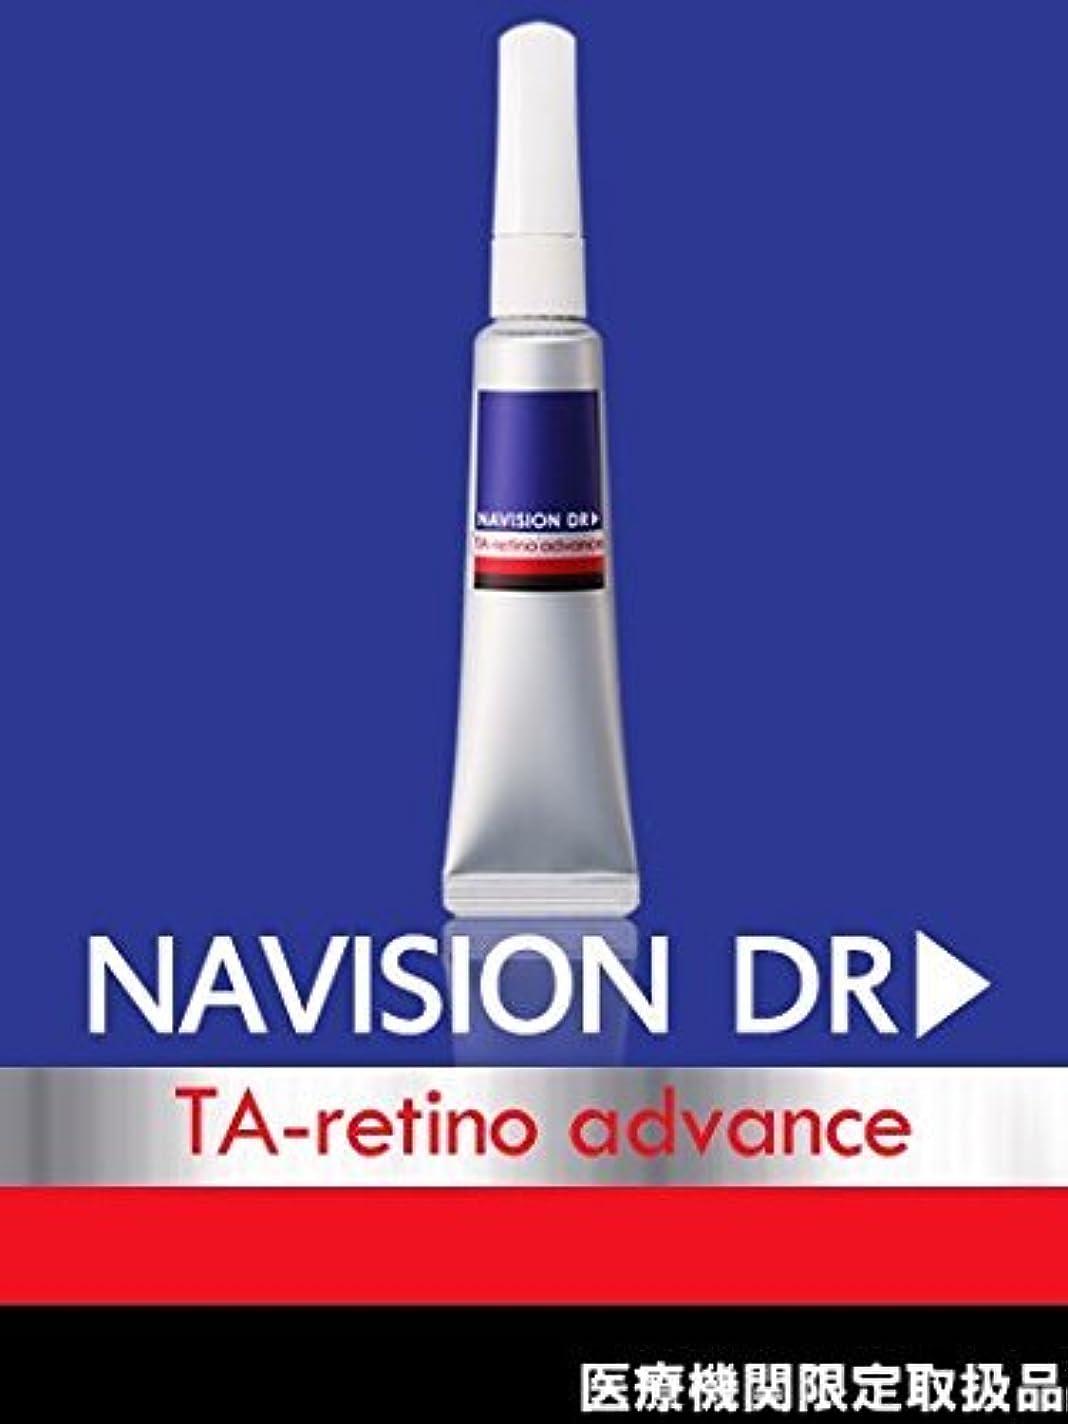 ノーブルレベルきしむNAVISION DR? ナビジョンDR TAレチノアドバンス(医薬部外品) 15g 【医療機関限定取扱品】